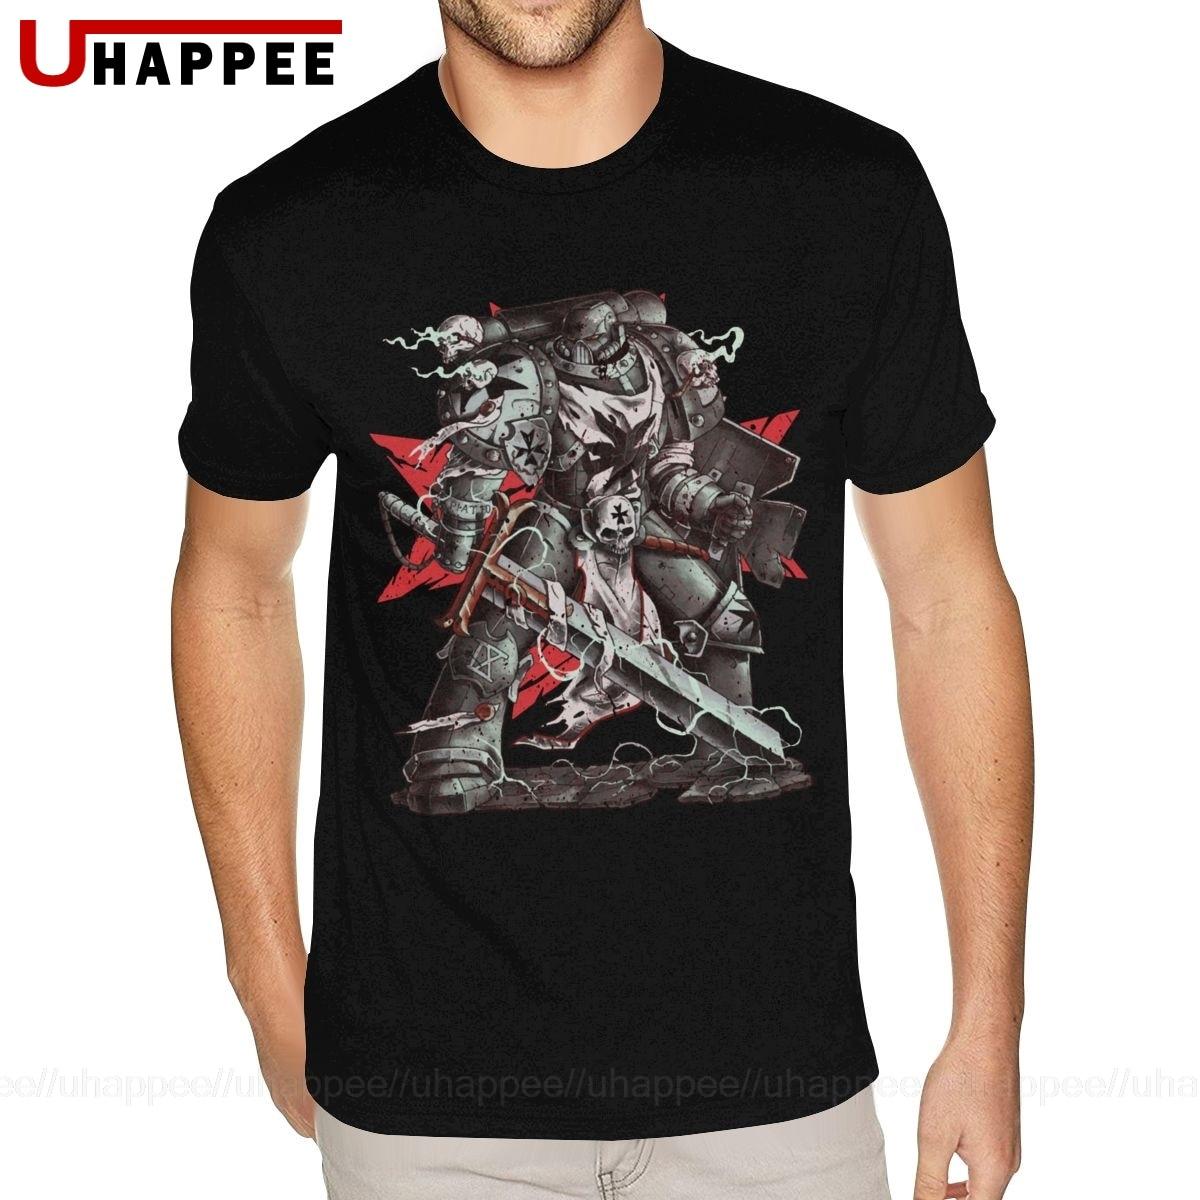 Camiseta de manga corta con cuello redondo y manga corta para hombre, de estilo europeo, de calidad negra, templarios, Warhammer, divertida camiseta 80s